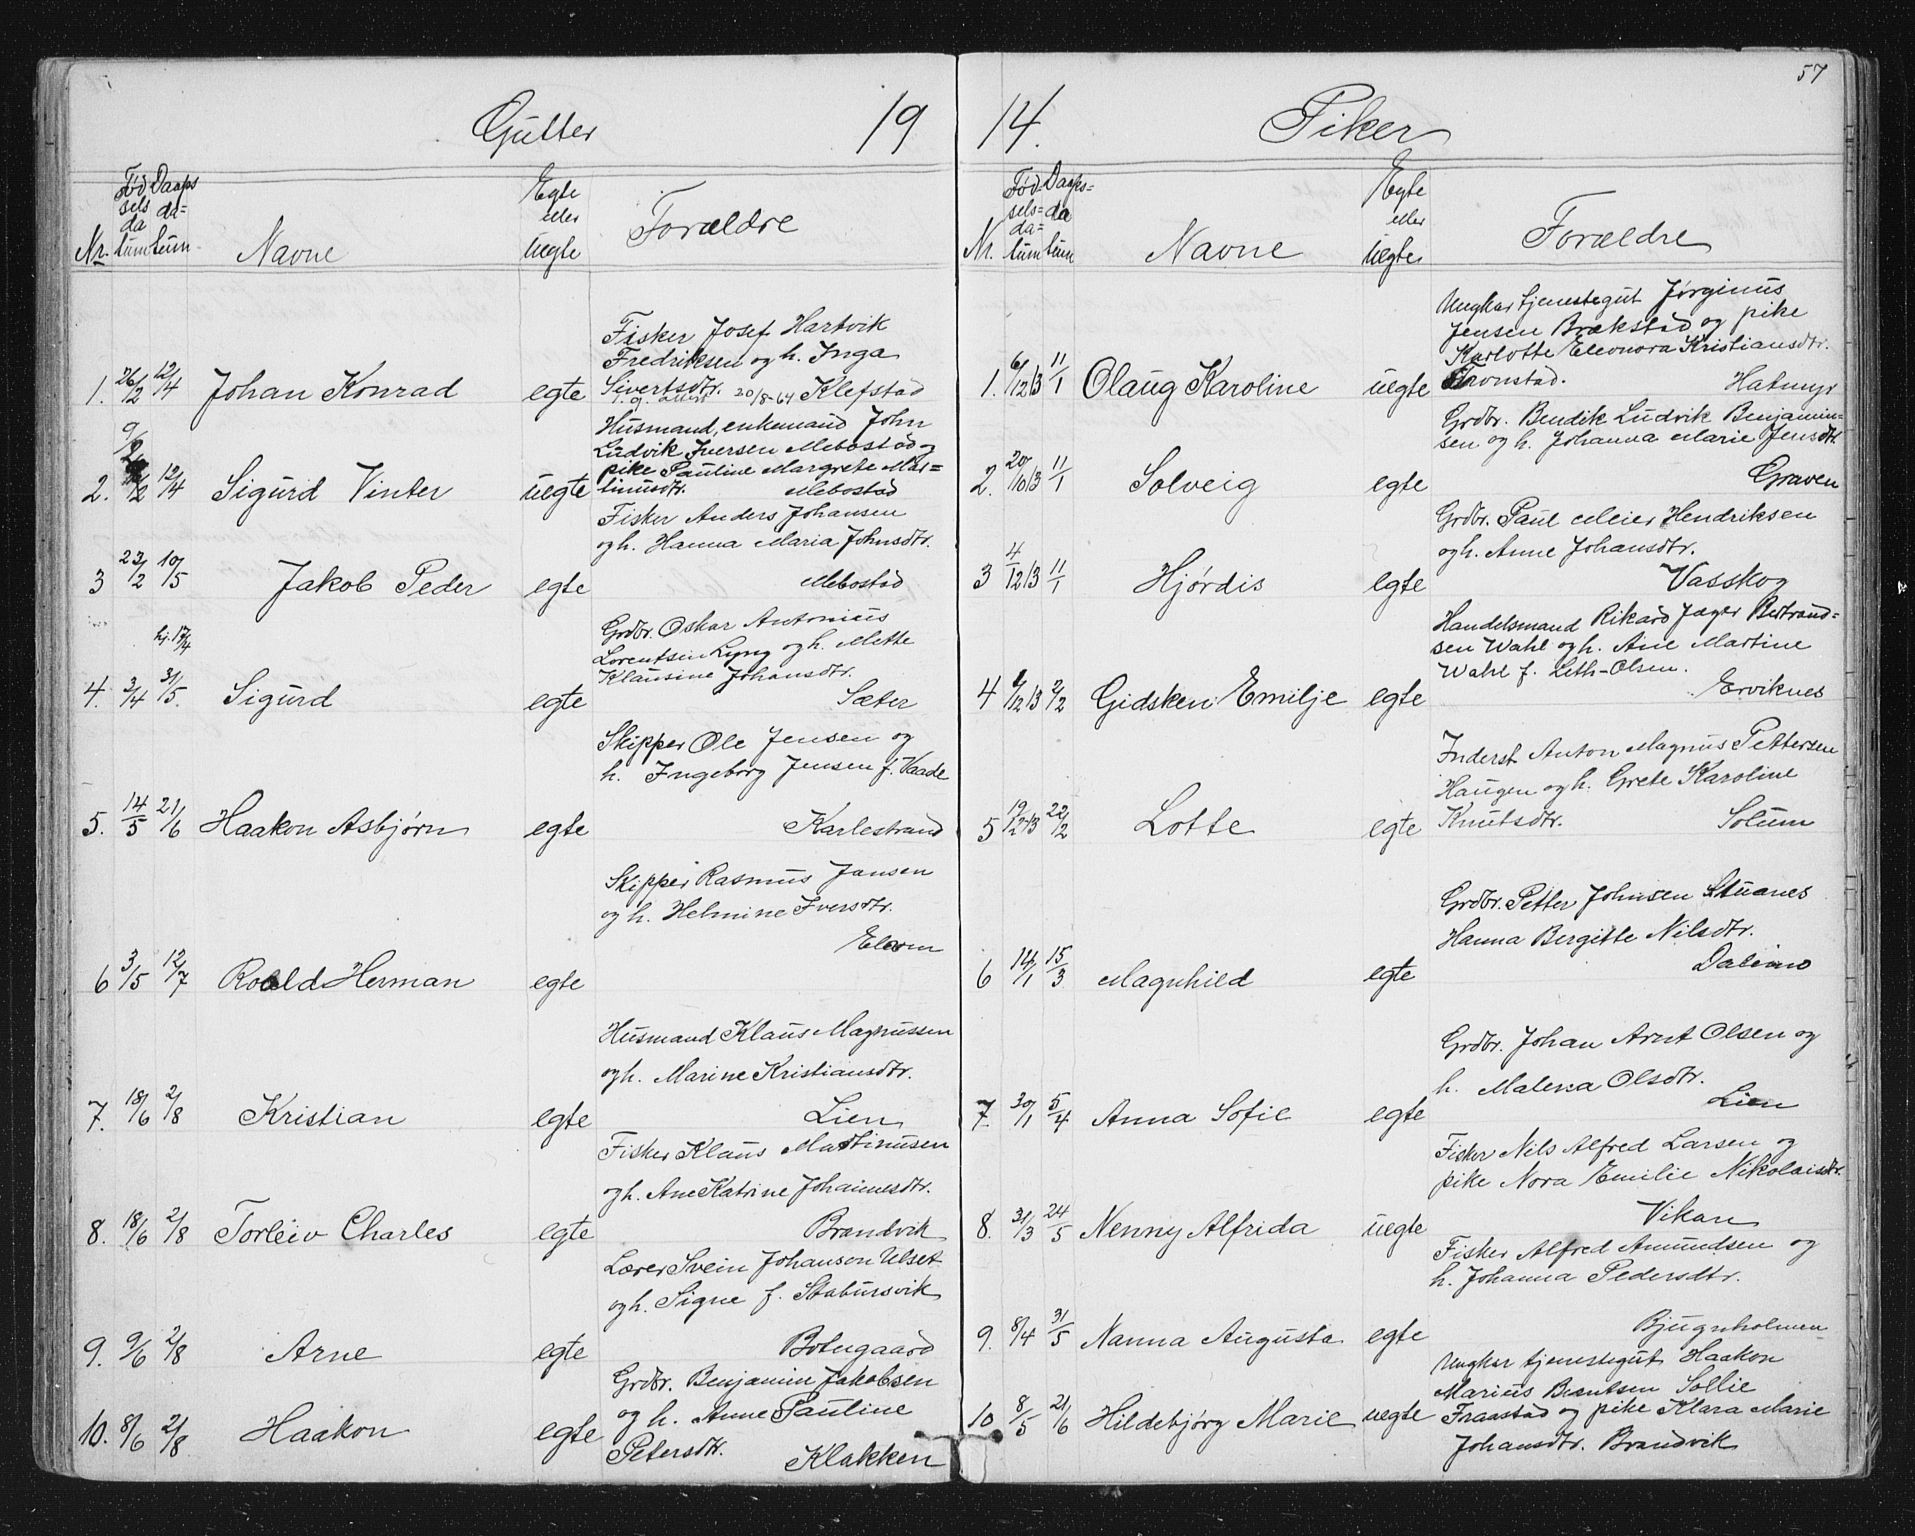 SAT, Ministerialprotokoller, klokkerbøker og fødselsregistre - Sør-Trøndelag, 651/L0647: Klokkerbok nr. 651C01, 1866-1914, s. 57